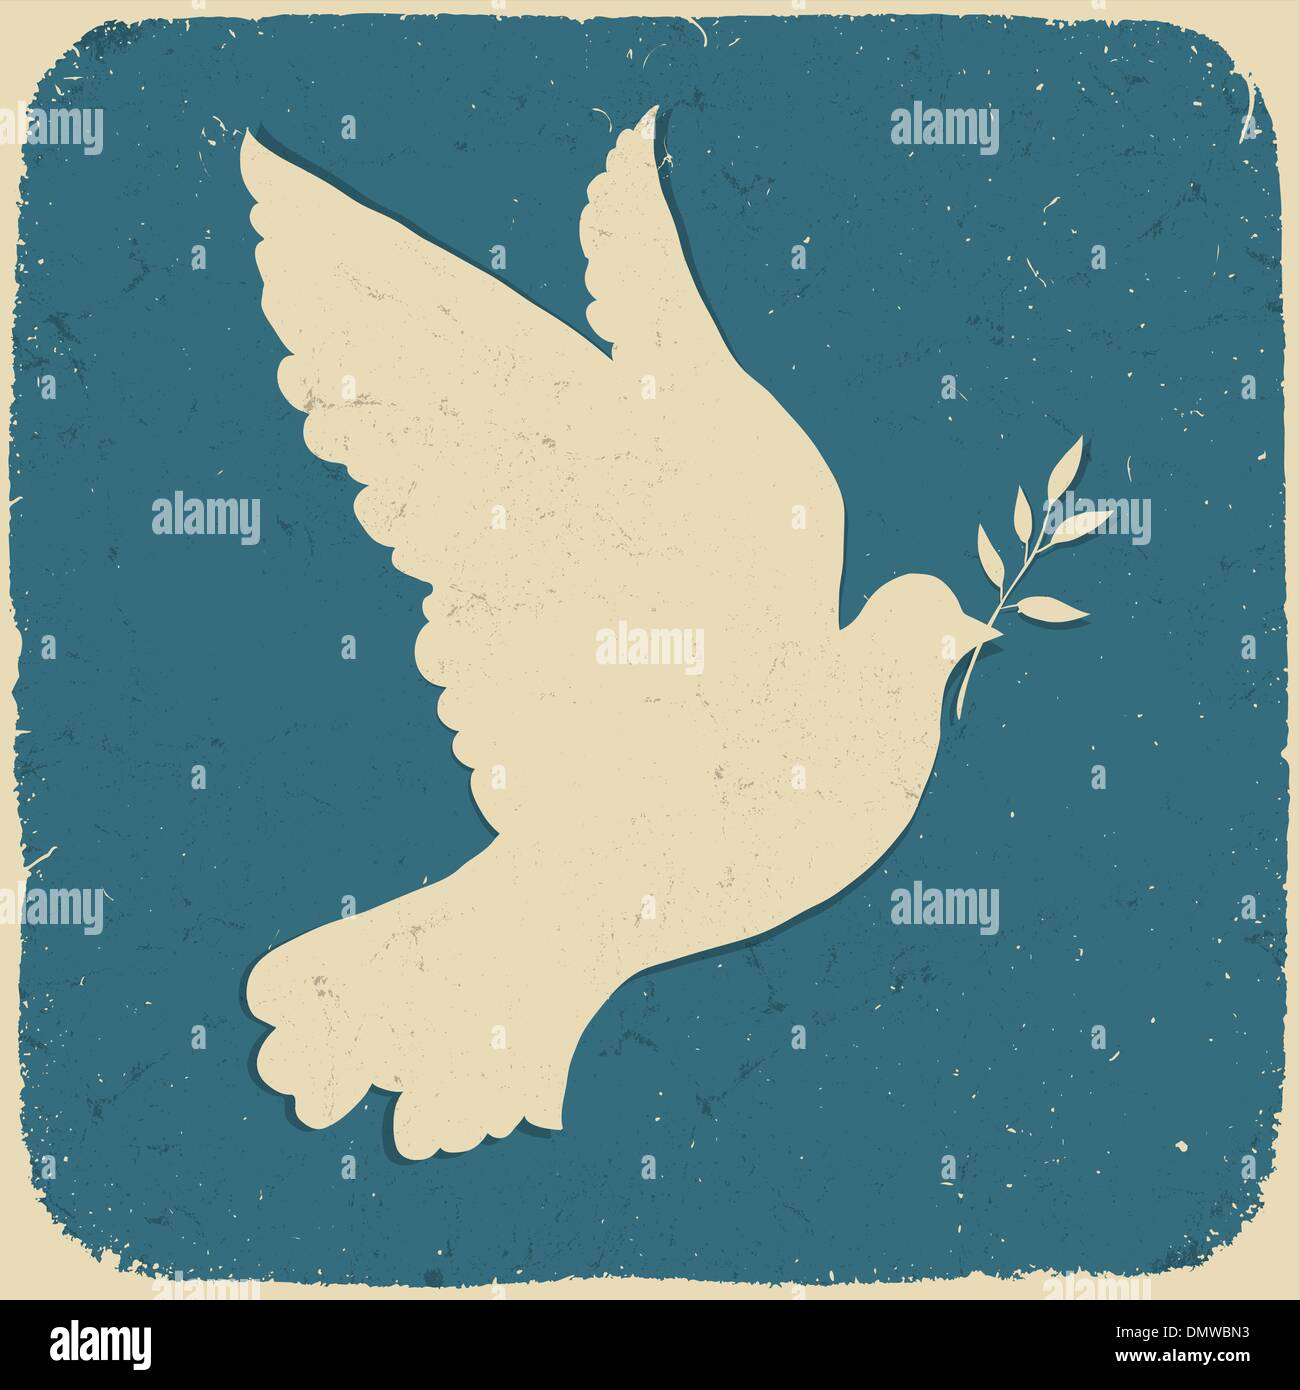 Pomba da paz. Ilustração de estilo retro, vetor eps10. Imagens de Stock